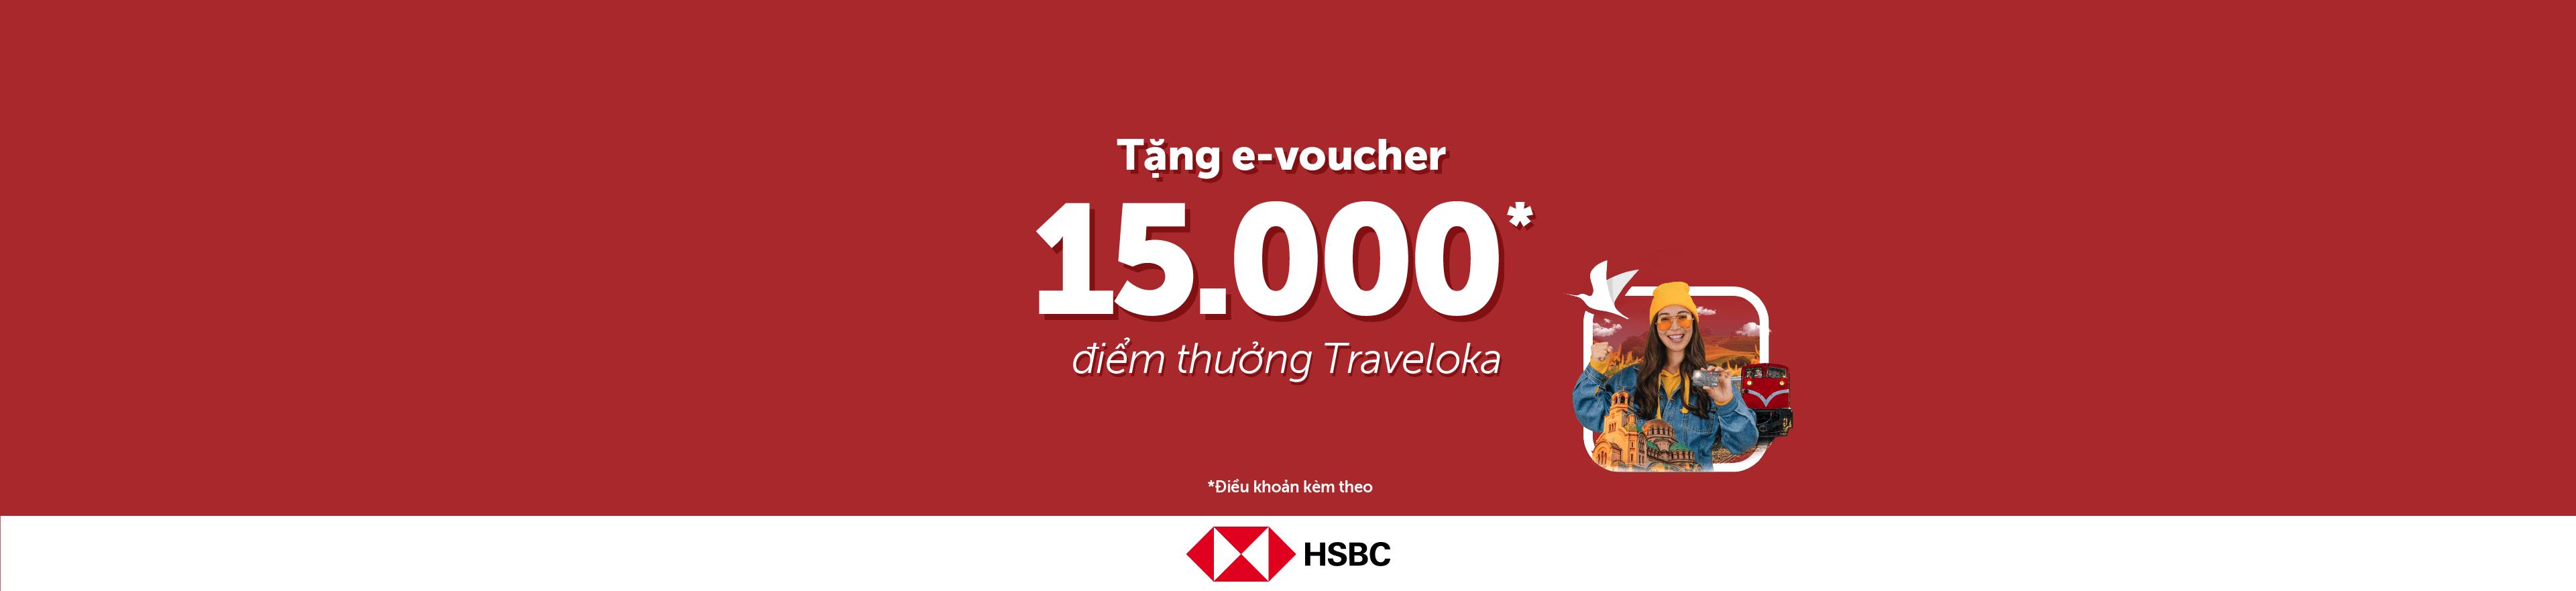 Traveloka - Hưởng đặc quyền chỉ có khi mở thẻ tín dụng HSBC Bạch Kim